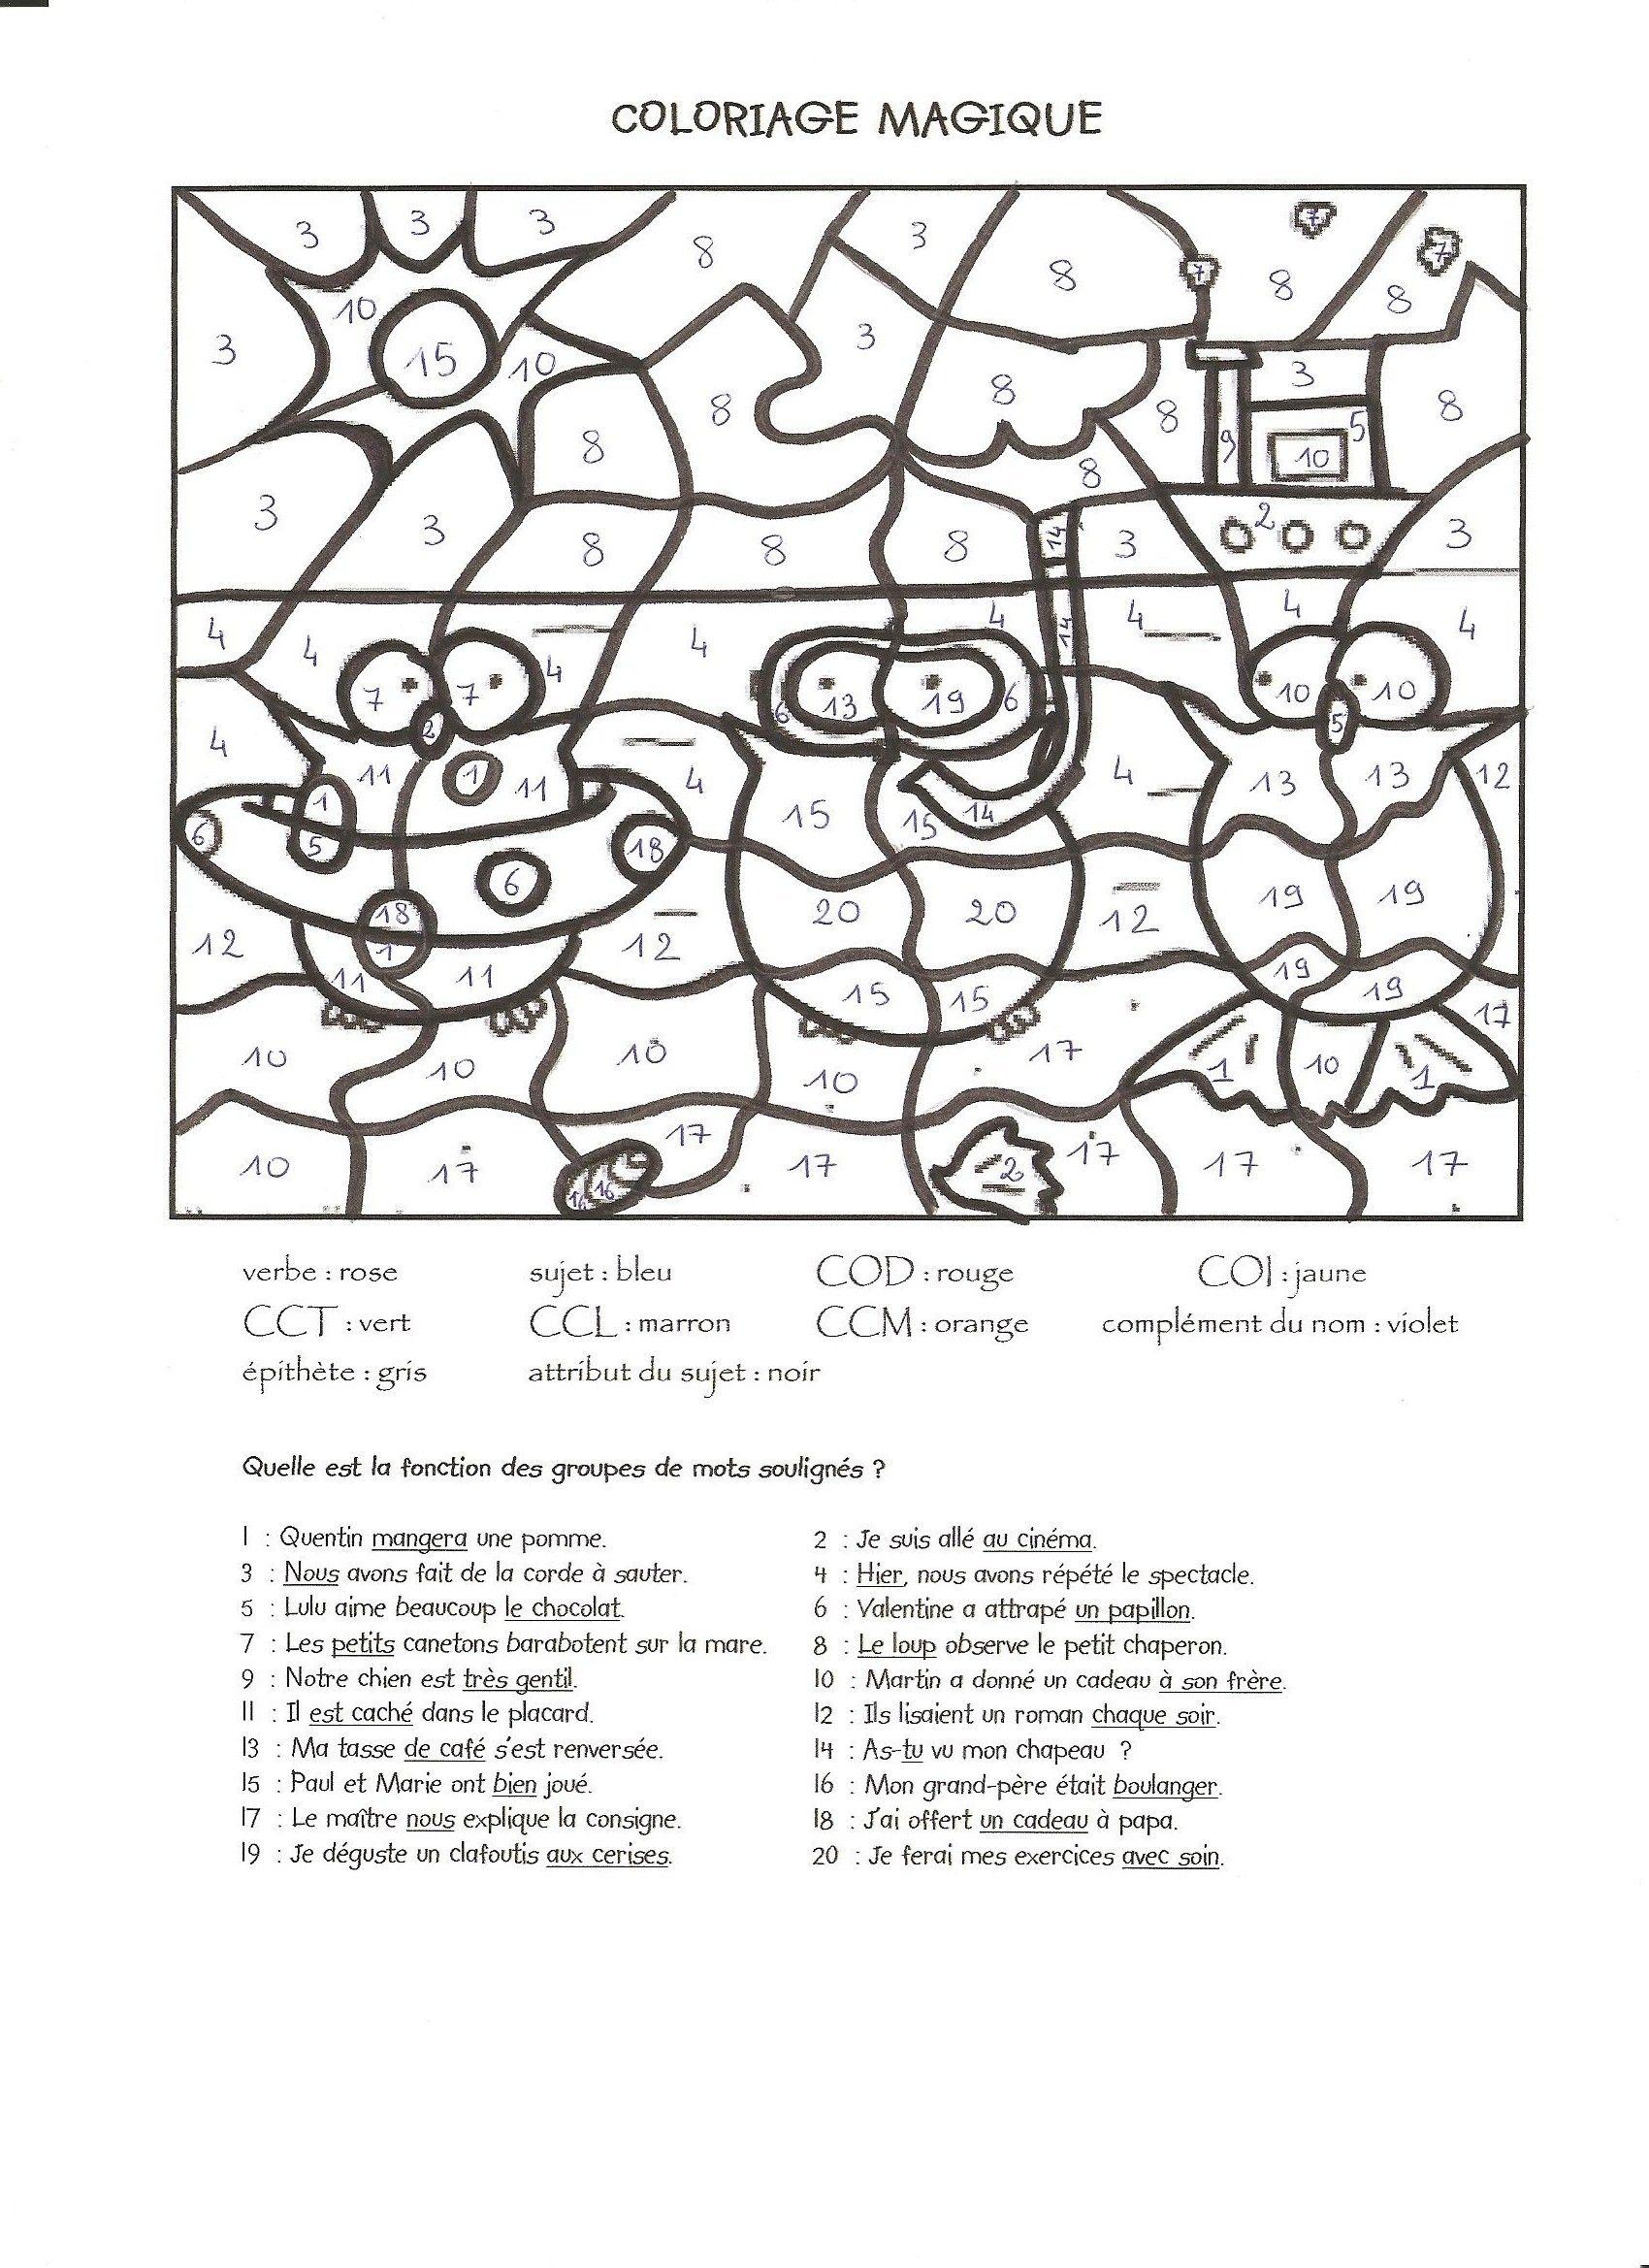 Coloriage Magique Grammaire 1 001